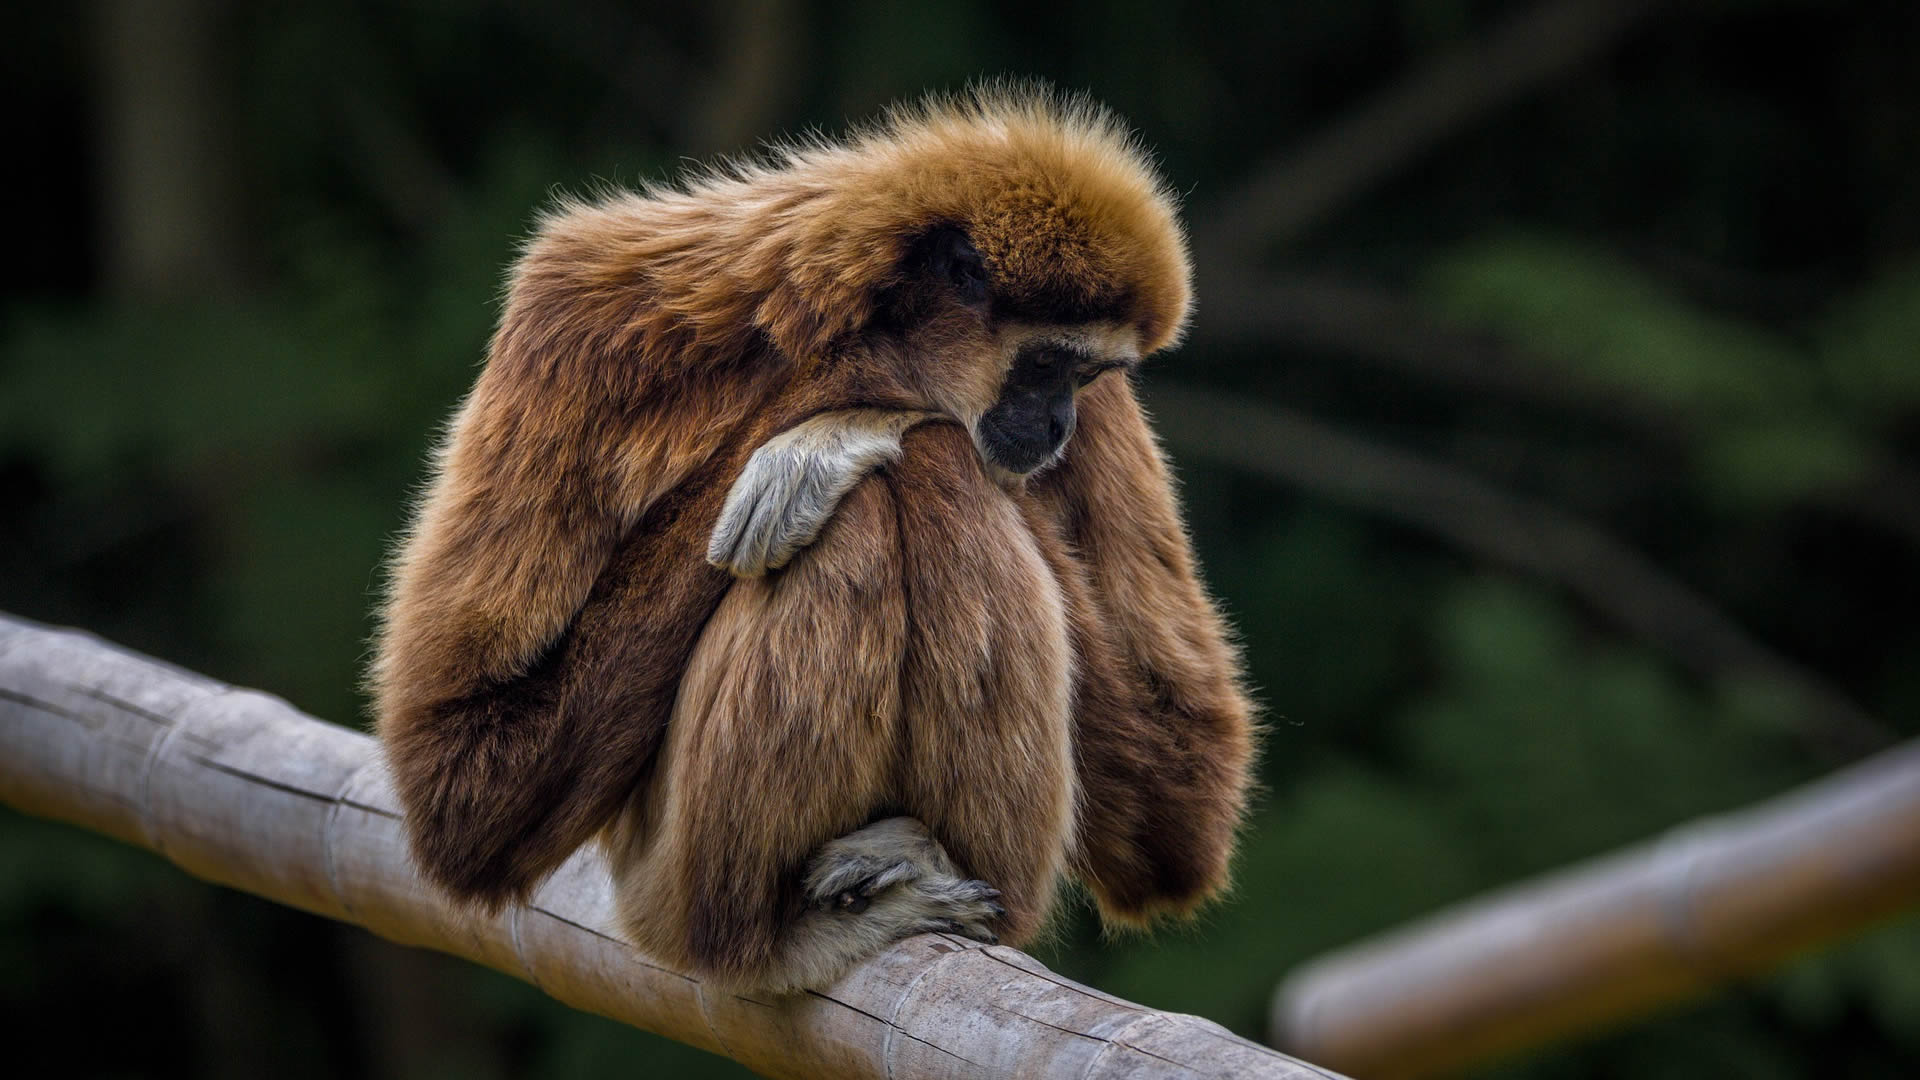 Al menos 550 especies de mamíferos podrían extinguirse y los humanos somos responsables, indica investigación